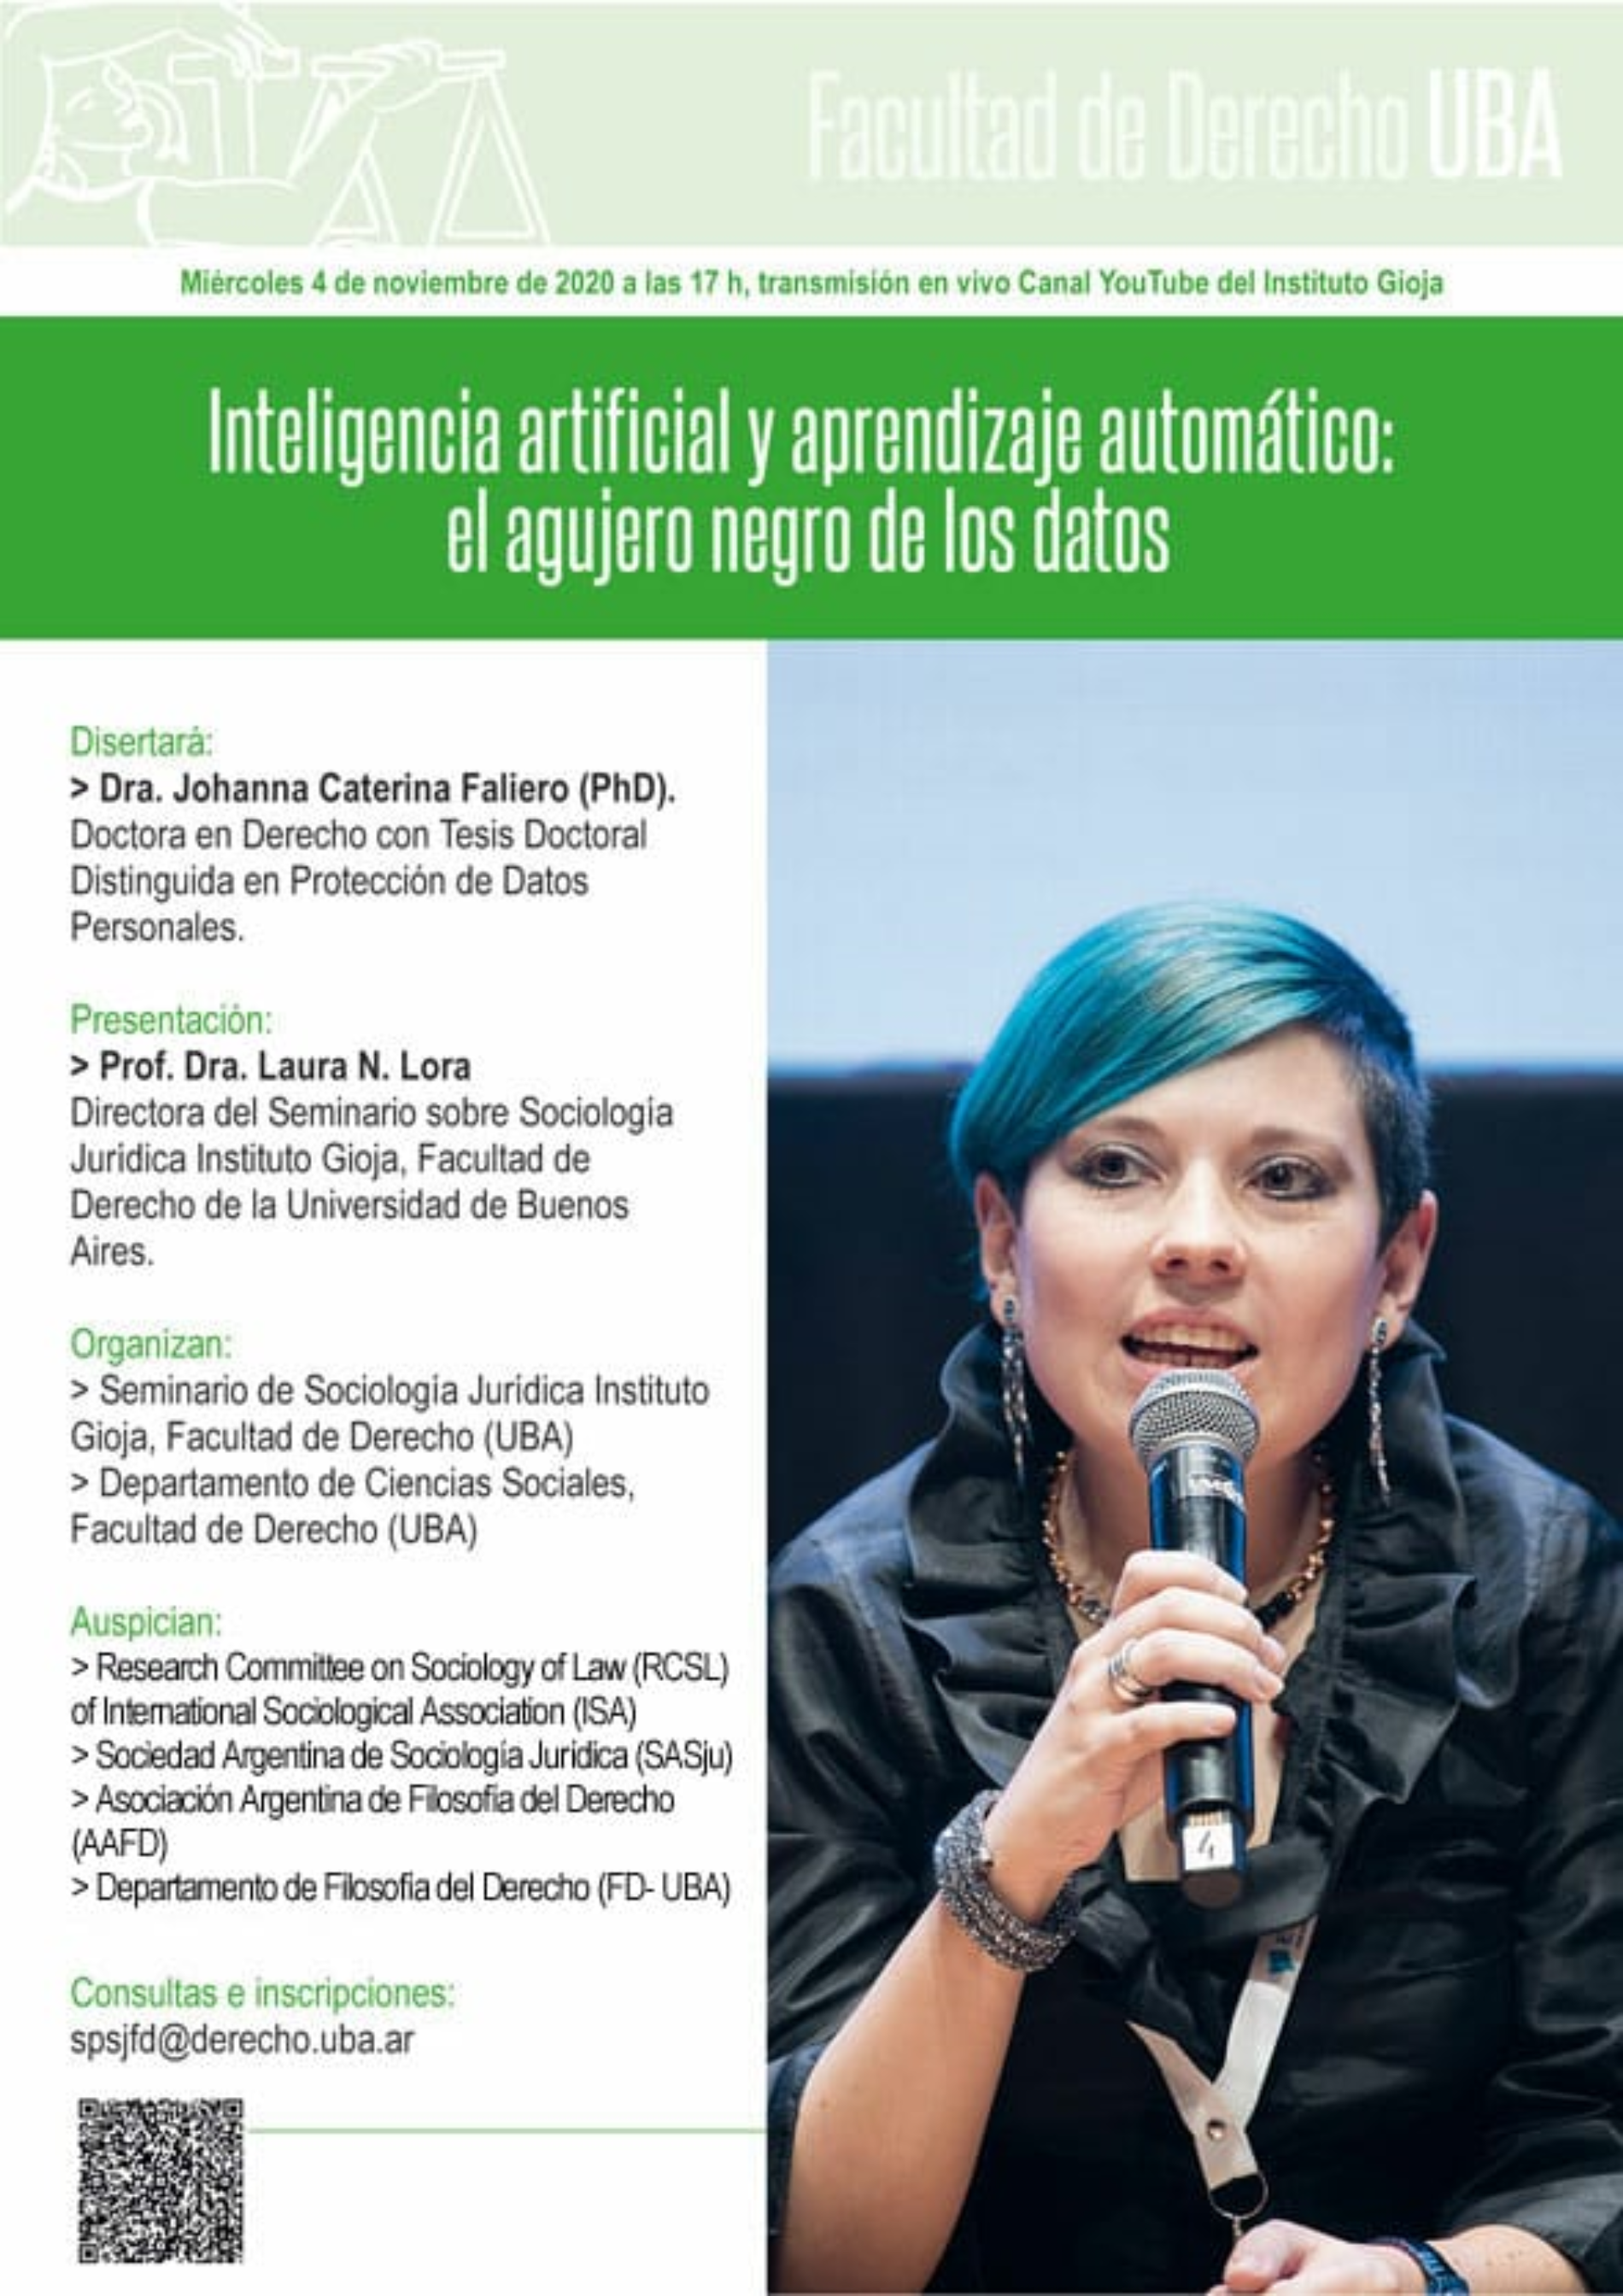 «Inteligencia artificial y aprendizaje automático: el agujero negro de los datos»